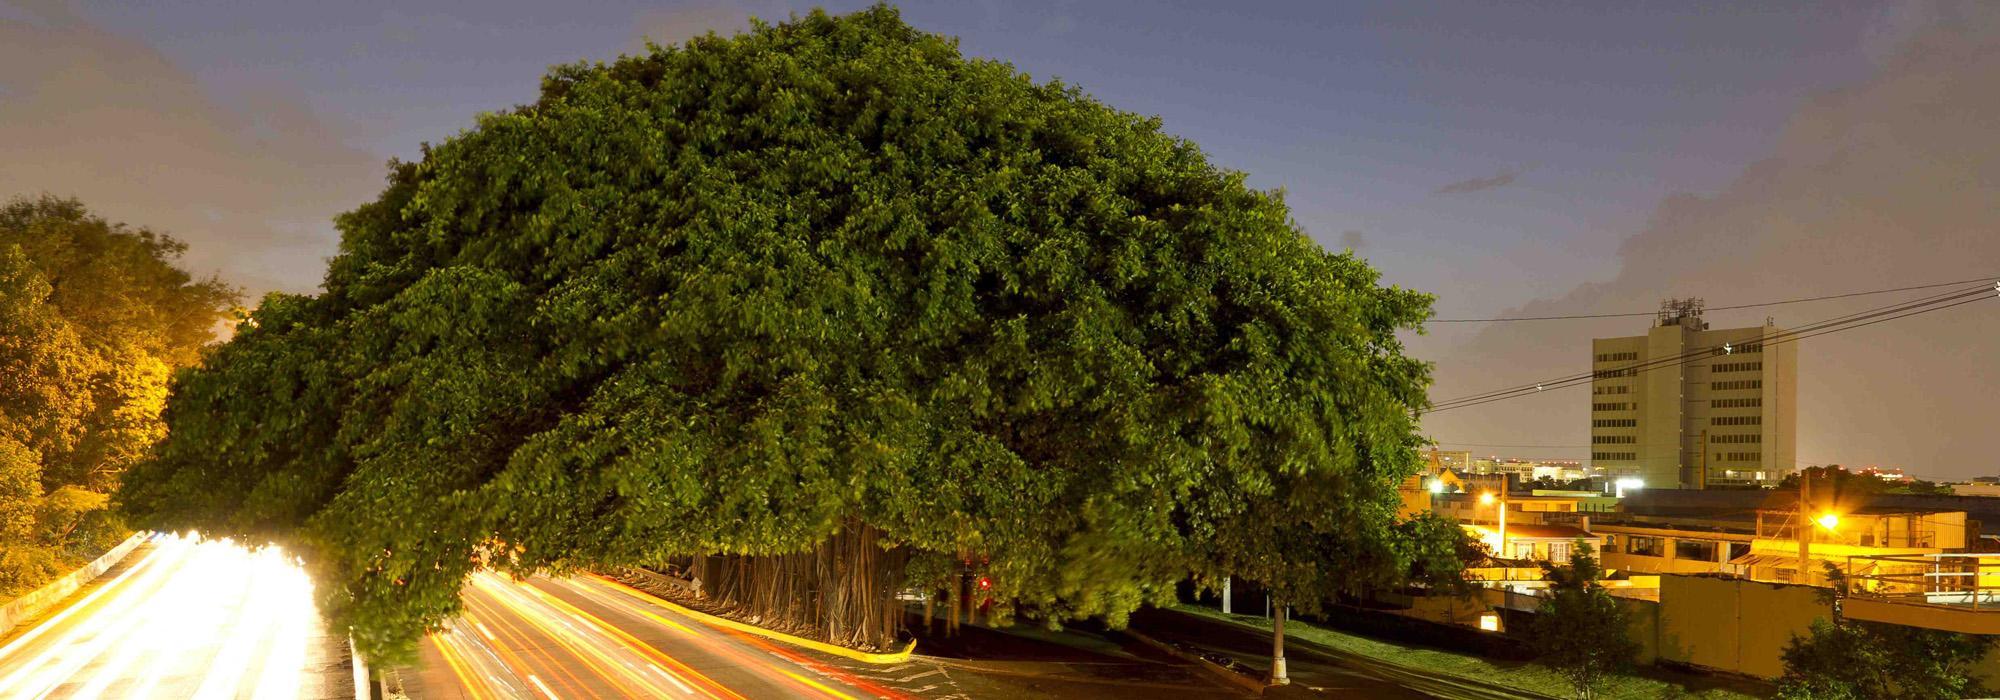 Ficus_hero_2010.jpg